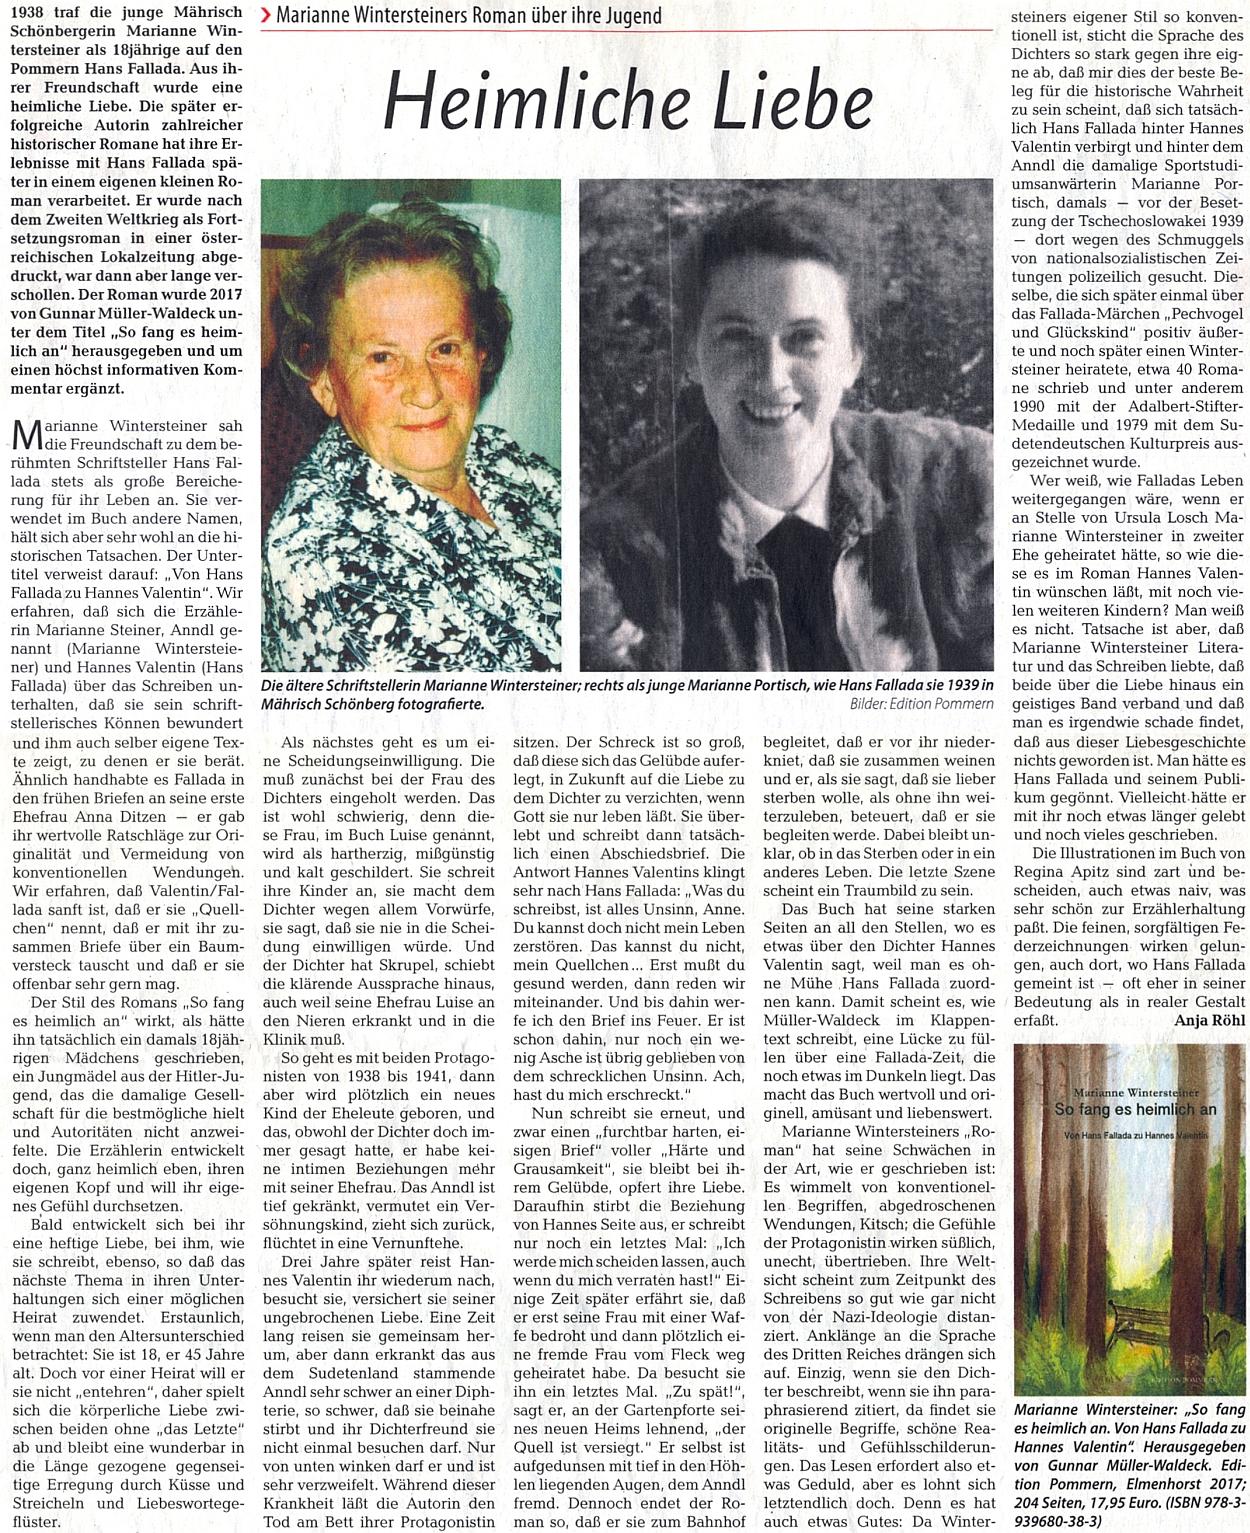 Podrobněji o její tajné lásce s Hansem Falladou a o románu, který z toho vzešel